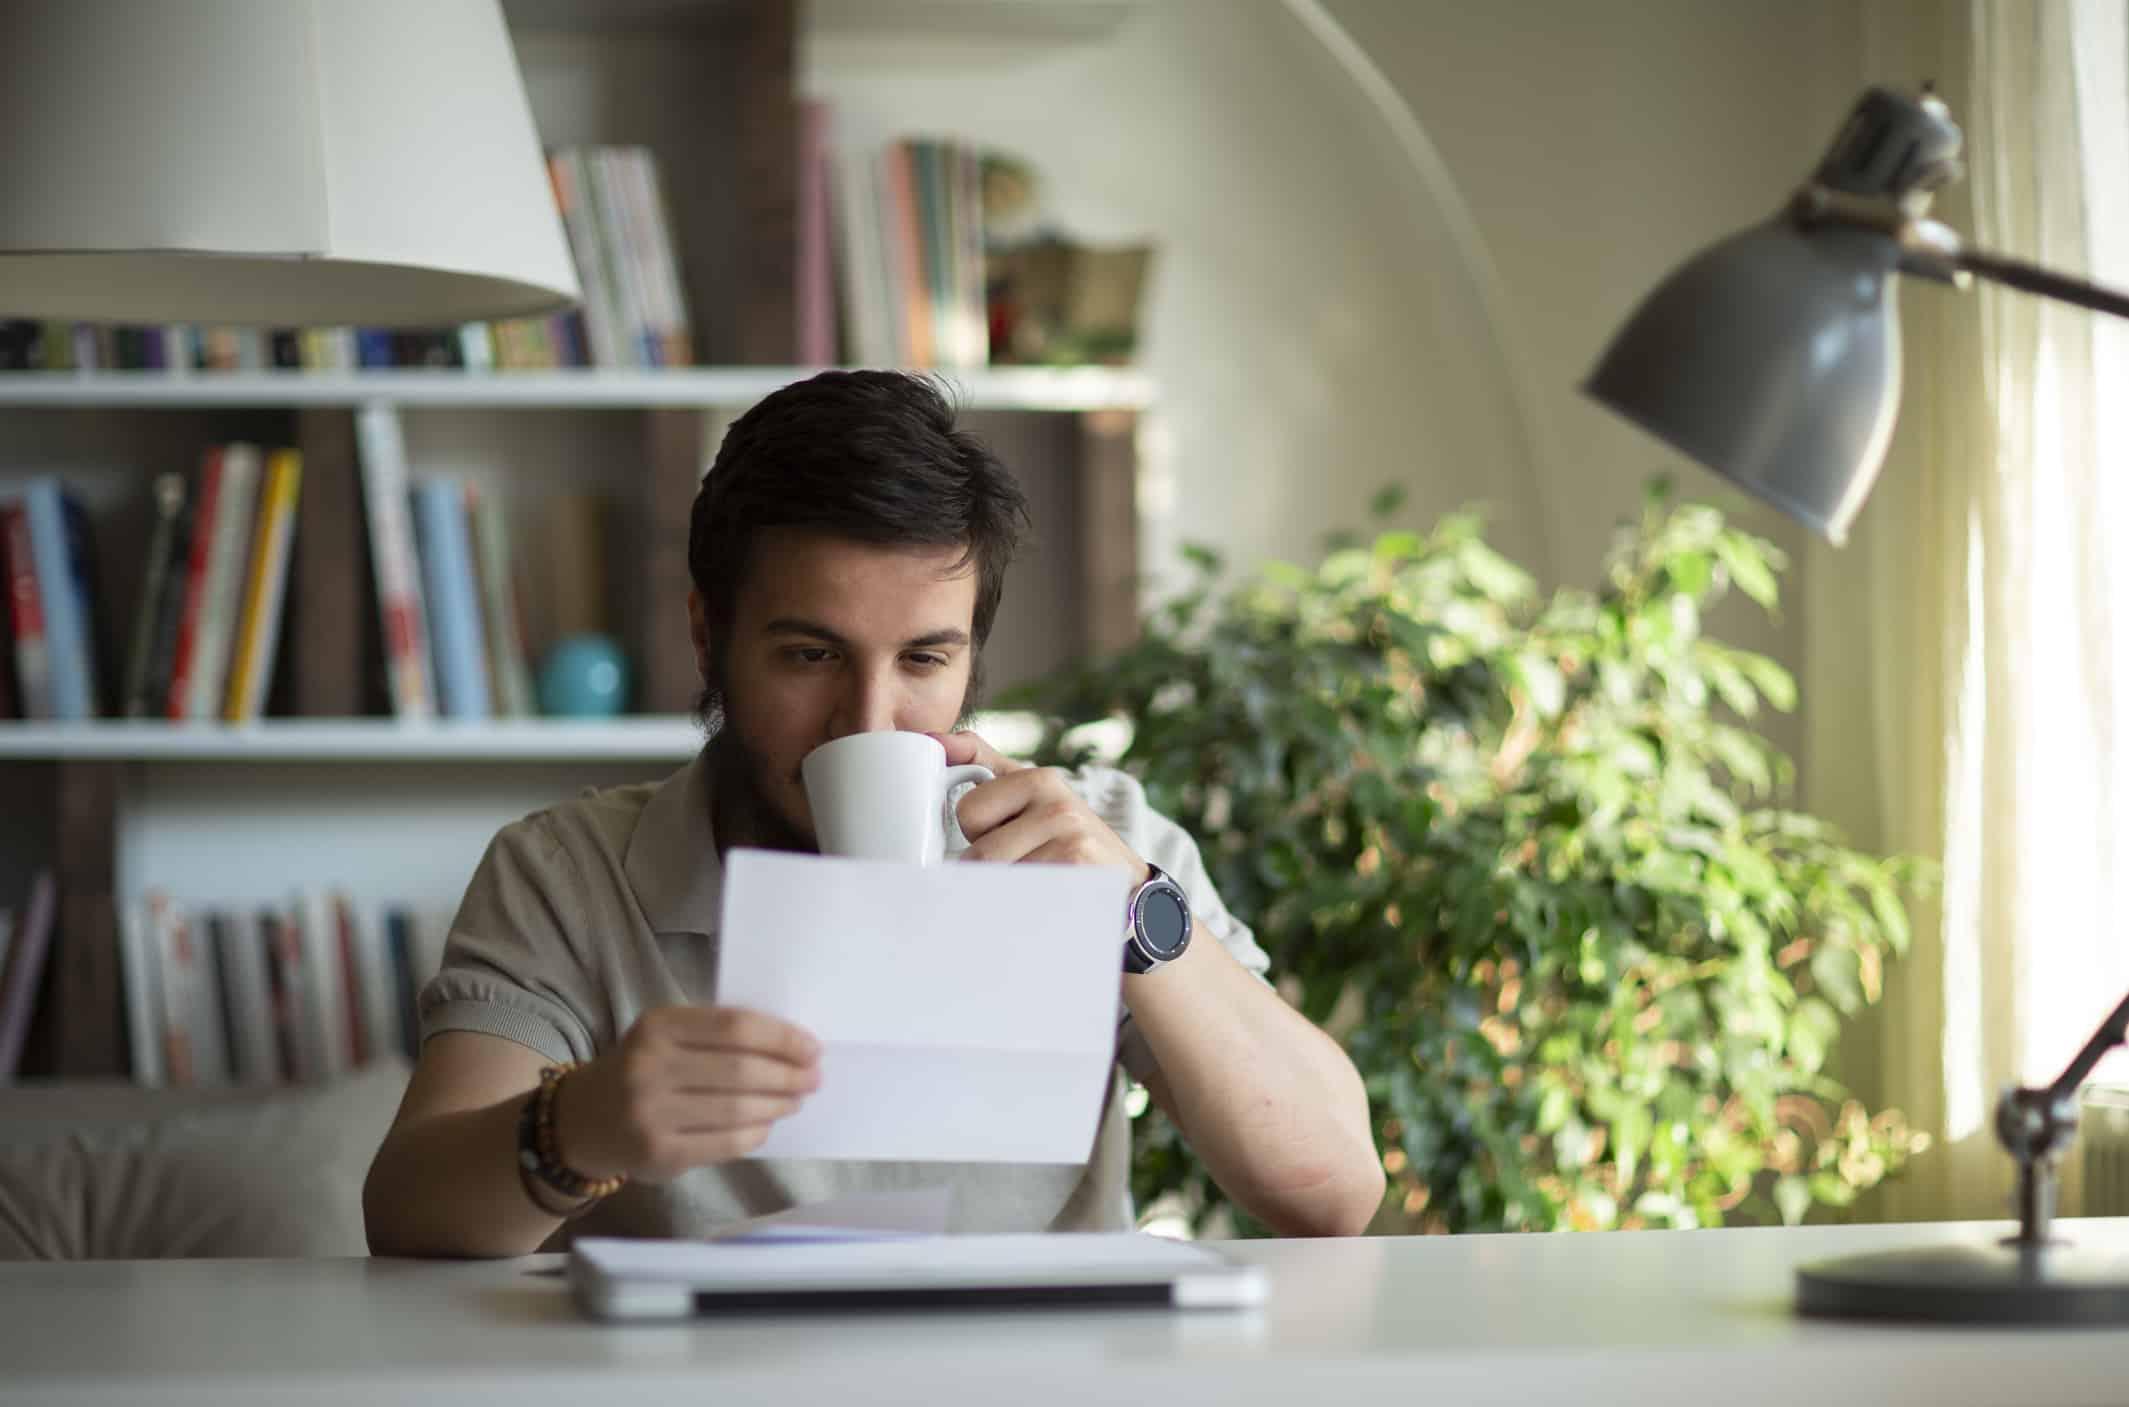 Mann trinkt Kaffee und schaut dabei auf ein Blatt Papier.